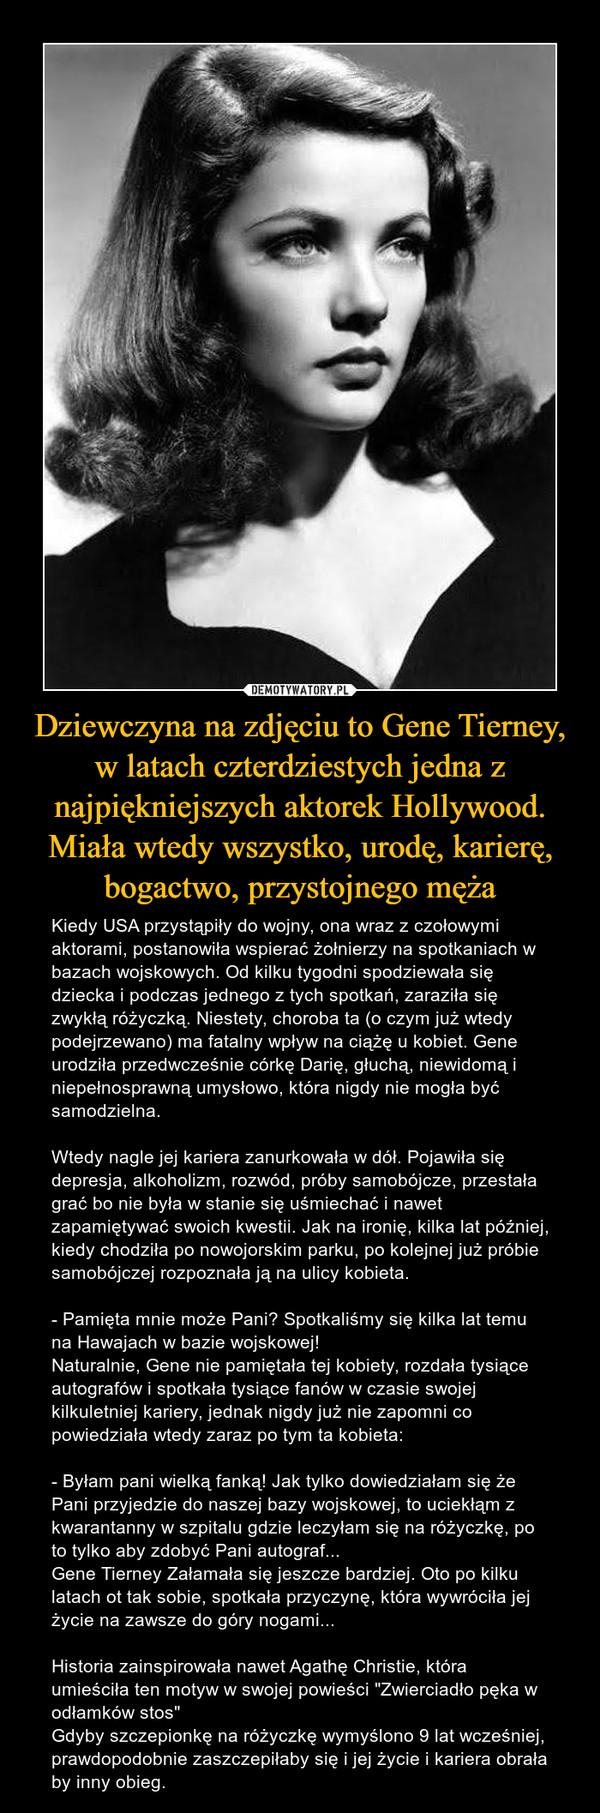 """Dziewczyna na zdjęciu to Gene Tierney, w latach czterdziestych jedna z najpiękniejszych aktorek Hollywood. Miała wtedy wszystko, urodę, karierę, bogactwo, przystojnego męża – Kiedy USA przystąpiły do wojny, ona wraz z czołowymi aktorami, postanowiła wspierać żołnierzy na spotkaniach w bazach wojskowych. Od kilku tygodni spodziewała się dziecka i podczas jednego z tych spotkań, zaraziła się zwykłą różyczką. Niestety, choroba ta (o czym już wtedy podejrzewano) ma fatalny wpływ na ciążę u kobiet. Gene urodziła przedwcześnie córkę Darię, głuchą, niewidomą i niepełnosprawną umysłowo, która nigdy nie mogła być samodzielna. Wtedy nagle jej kariera zanurkowała w dół. Pojawiła się depresja, alkoholizm, rozwód, próby samobójcze, przestała grać bo nie była w stanie się uśmiechać i nawet zapamiętywać swoich kwestii. Jak na ironię, kilka lat później, kiedy chodziła po nowojorskim parku, po kolejnej już próbie samobójczej rozpoznała ją na ulicy kobieta.- Pamięta mnie może Pani? Spotkaliśmy się kilka lat temu na Hawajach w bazie wojskowej!Naturalnie, Gene nie pamiętała tej kobiety, rozdała tysiące autografów i spotkała tysiące fanów w czasie swojej kilkuletniej kariery, jednak nigdy już nie zapomni co powiedziała wtedy zaraz po tym ta kobieta:- Byłam pani wielką fanką! Jak tylko dowiedziałam się że Pani przyjedzie do naszej bazy wojskowej, to uciekłąm z kwarantanny w szpitalu gdzie leczyłam się na różyczkę, po to tylko aby zdobyć Pani autograf...Gene Tierney Załamała się jeszcze bardziej. Oto po kilku latach ot tak sobie, spotkała przyczynę, która wywróciła jej życie na zawsze do góry nogami...Historia zainspirowała nawet Agathę Christie, która umieściła ten motyw w swojej powieści """"Zwierciadło pęka w odłamków stos""""Gdyby szczepionkę na różyczkę wymyślono 9 lat wcześniej, prawdopodobnie zaszczepiłaby się i jej życie i kariera obrała by inny obieg."""